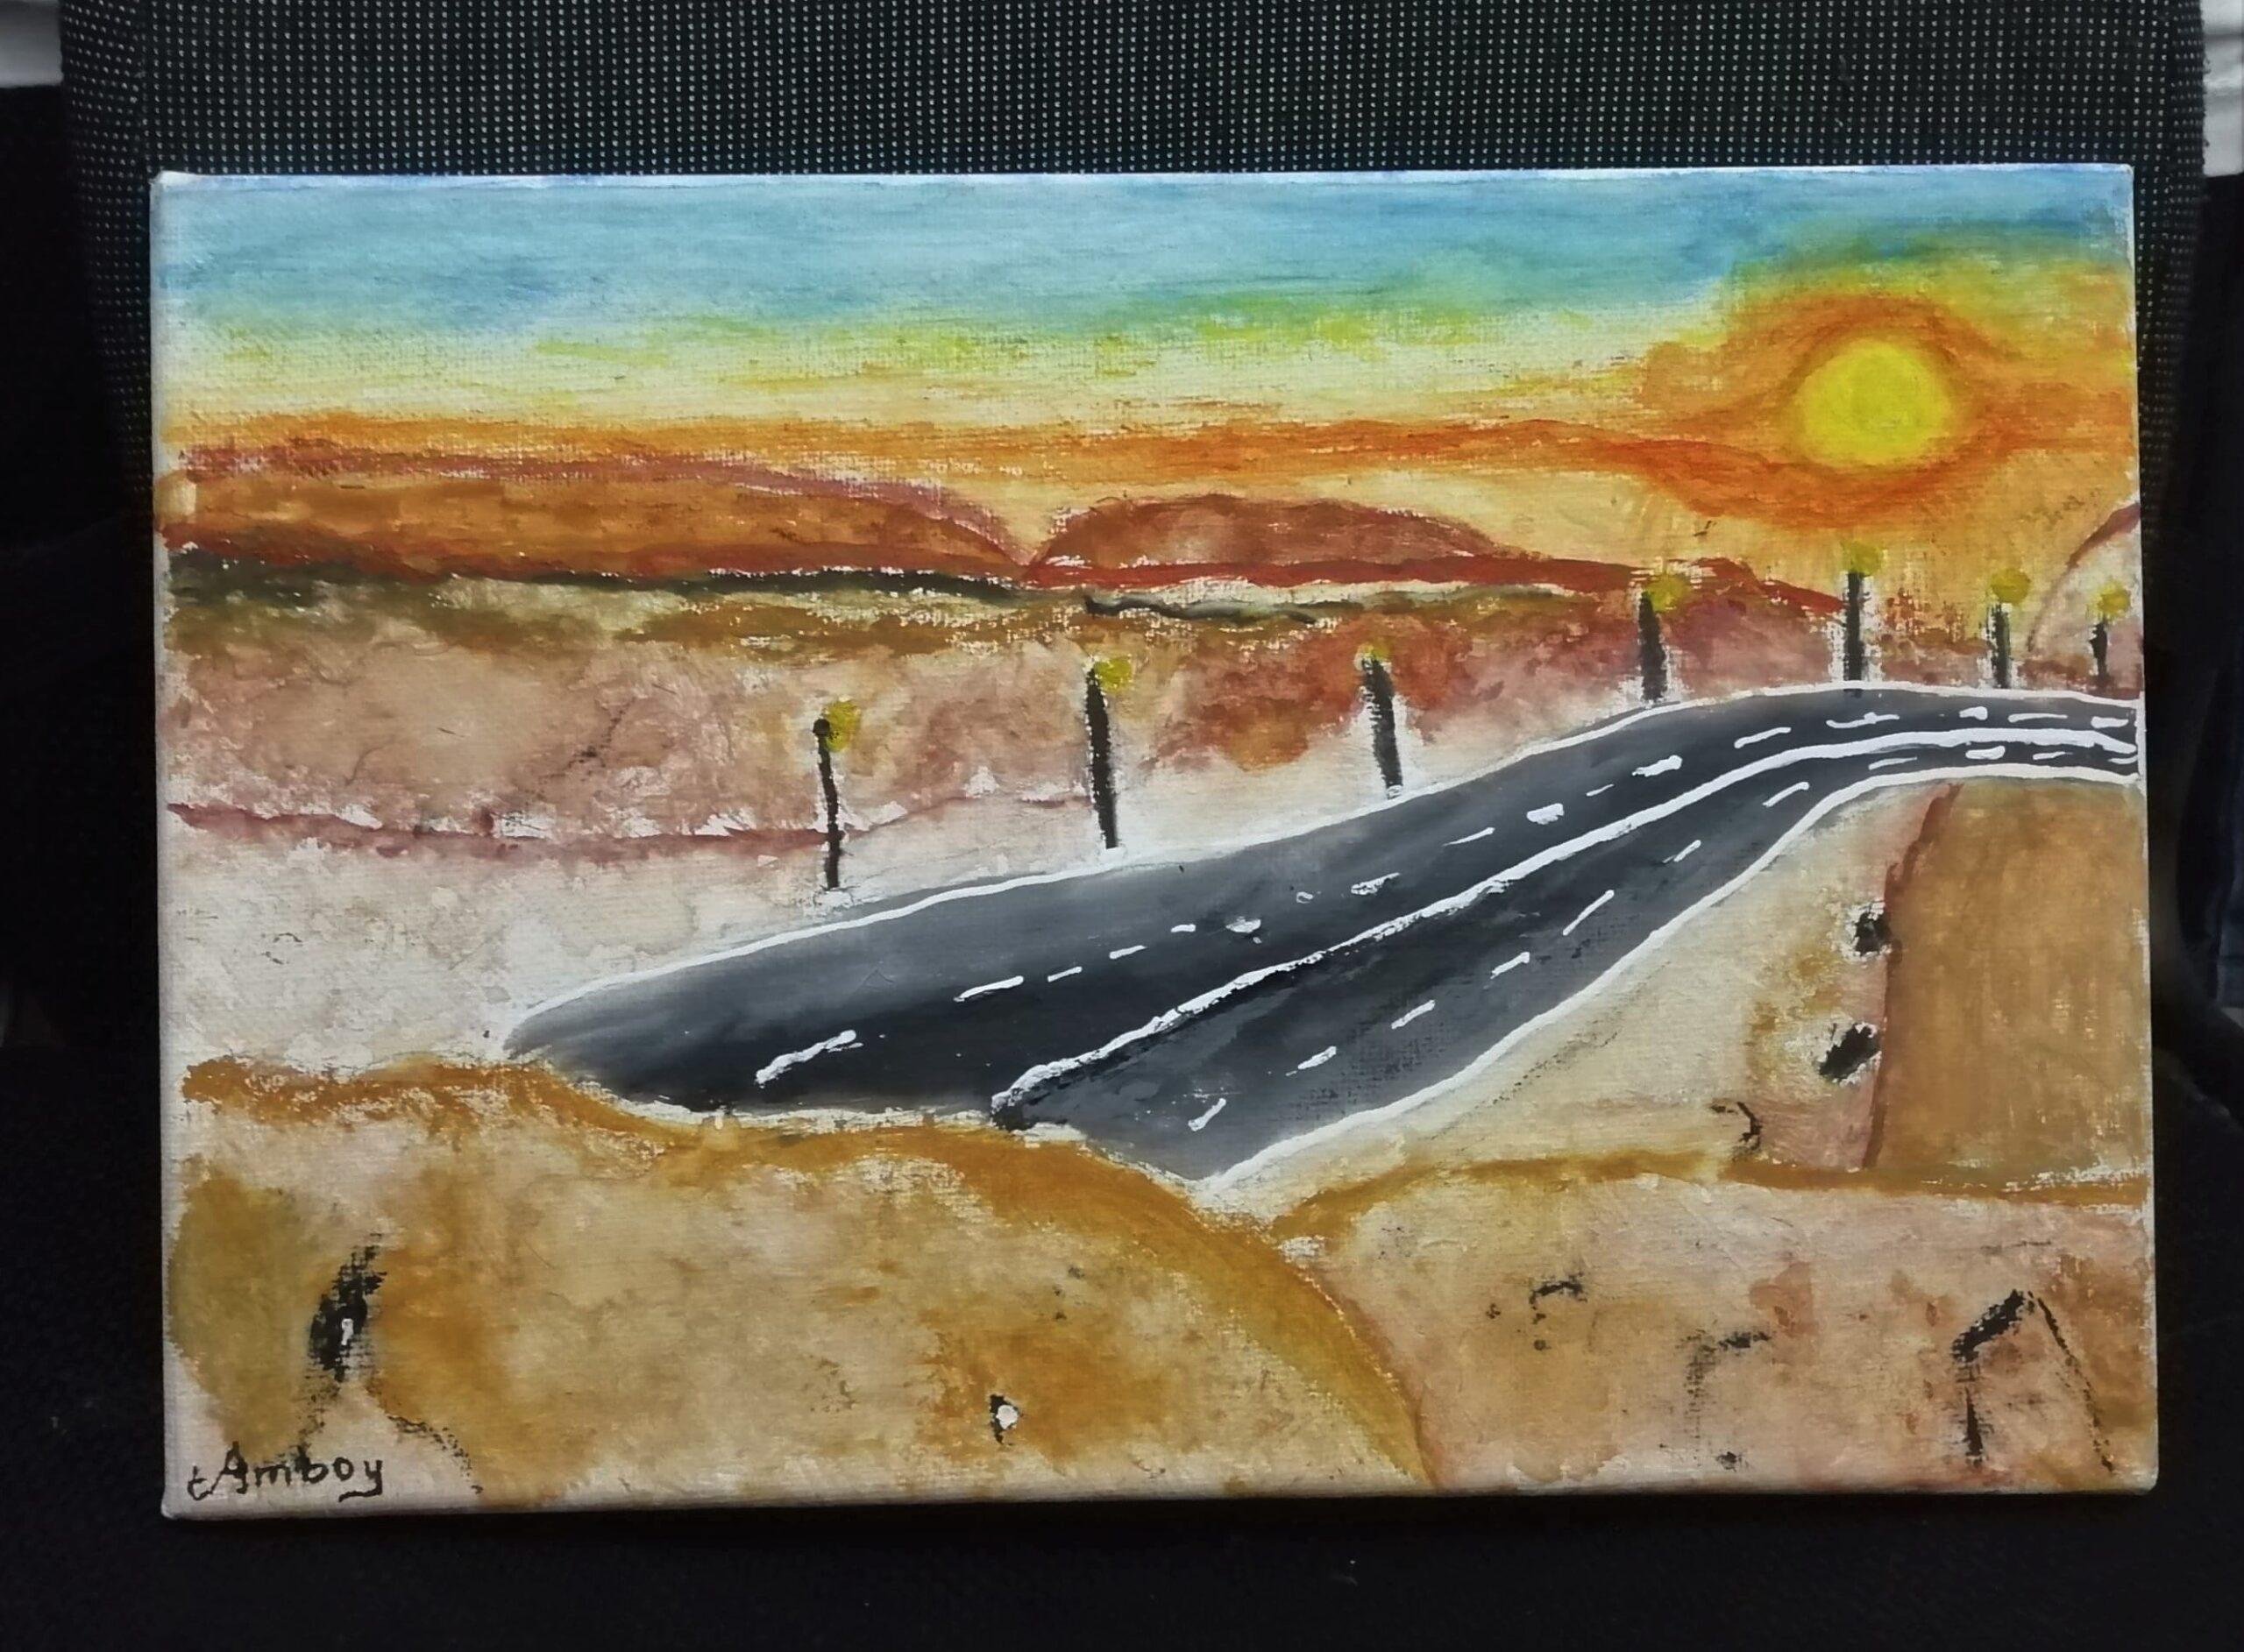 Sunrise at Jebel Haffet by Gabryllen Ayisha Amboy